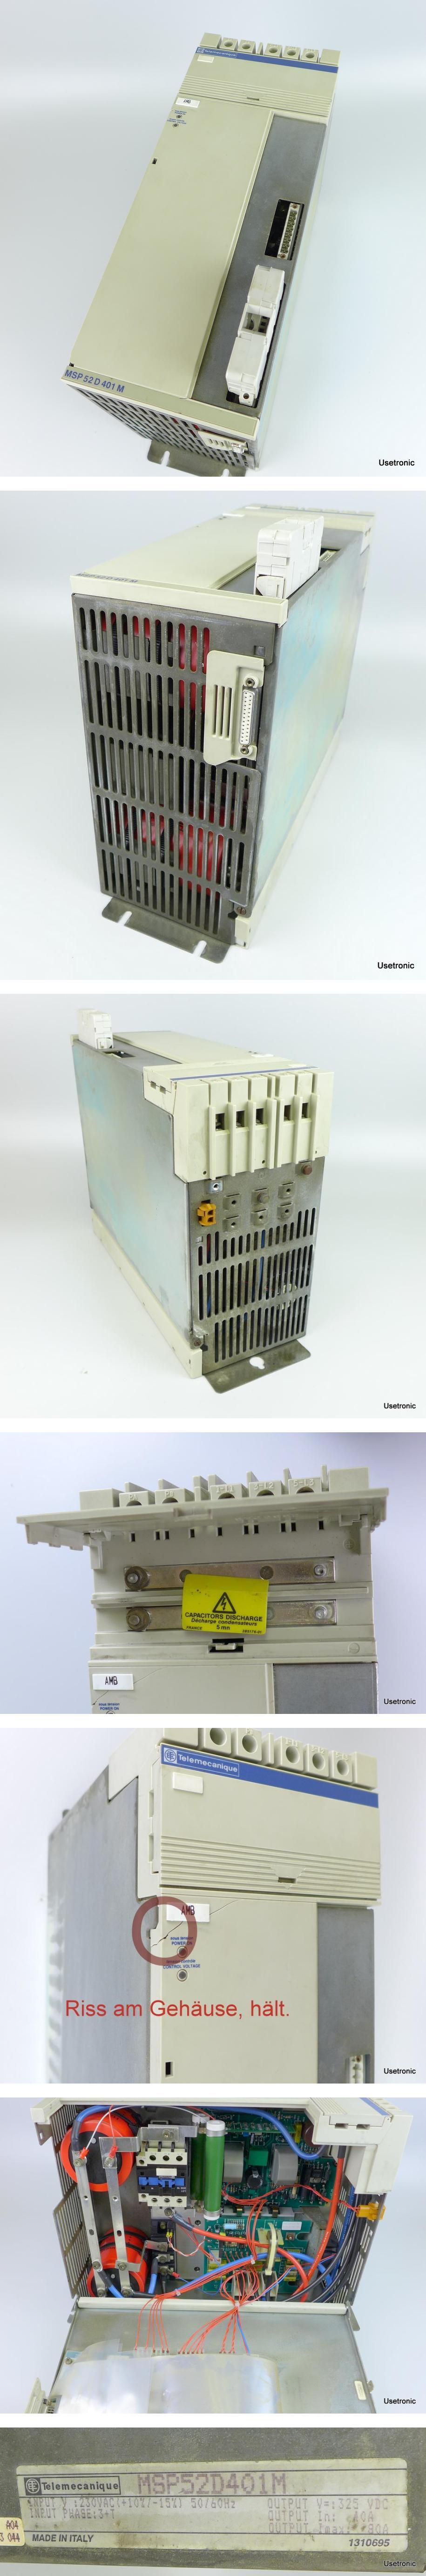 Telemecanique MSP52D401M